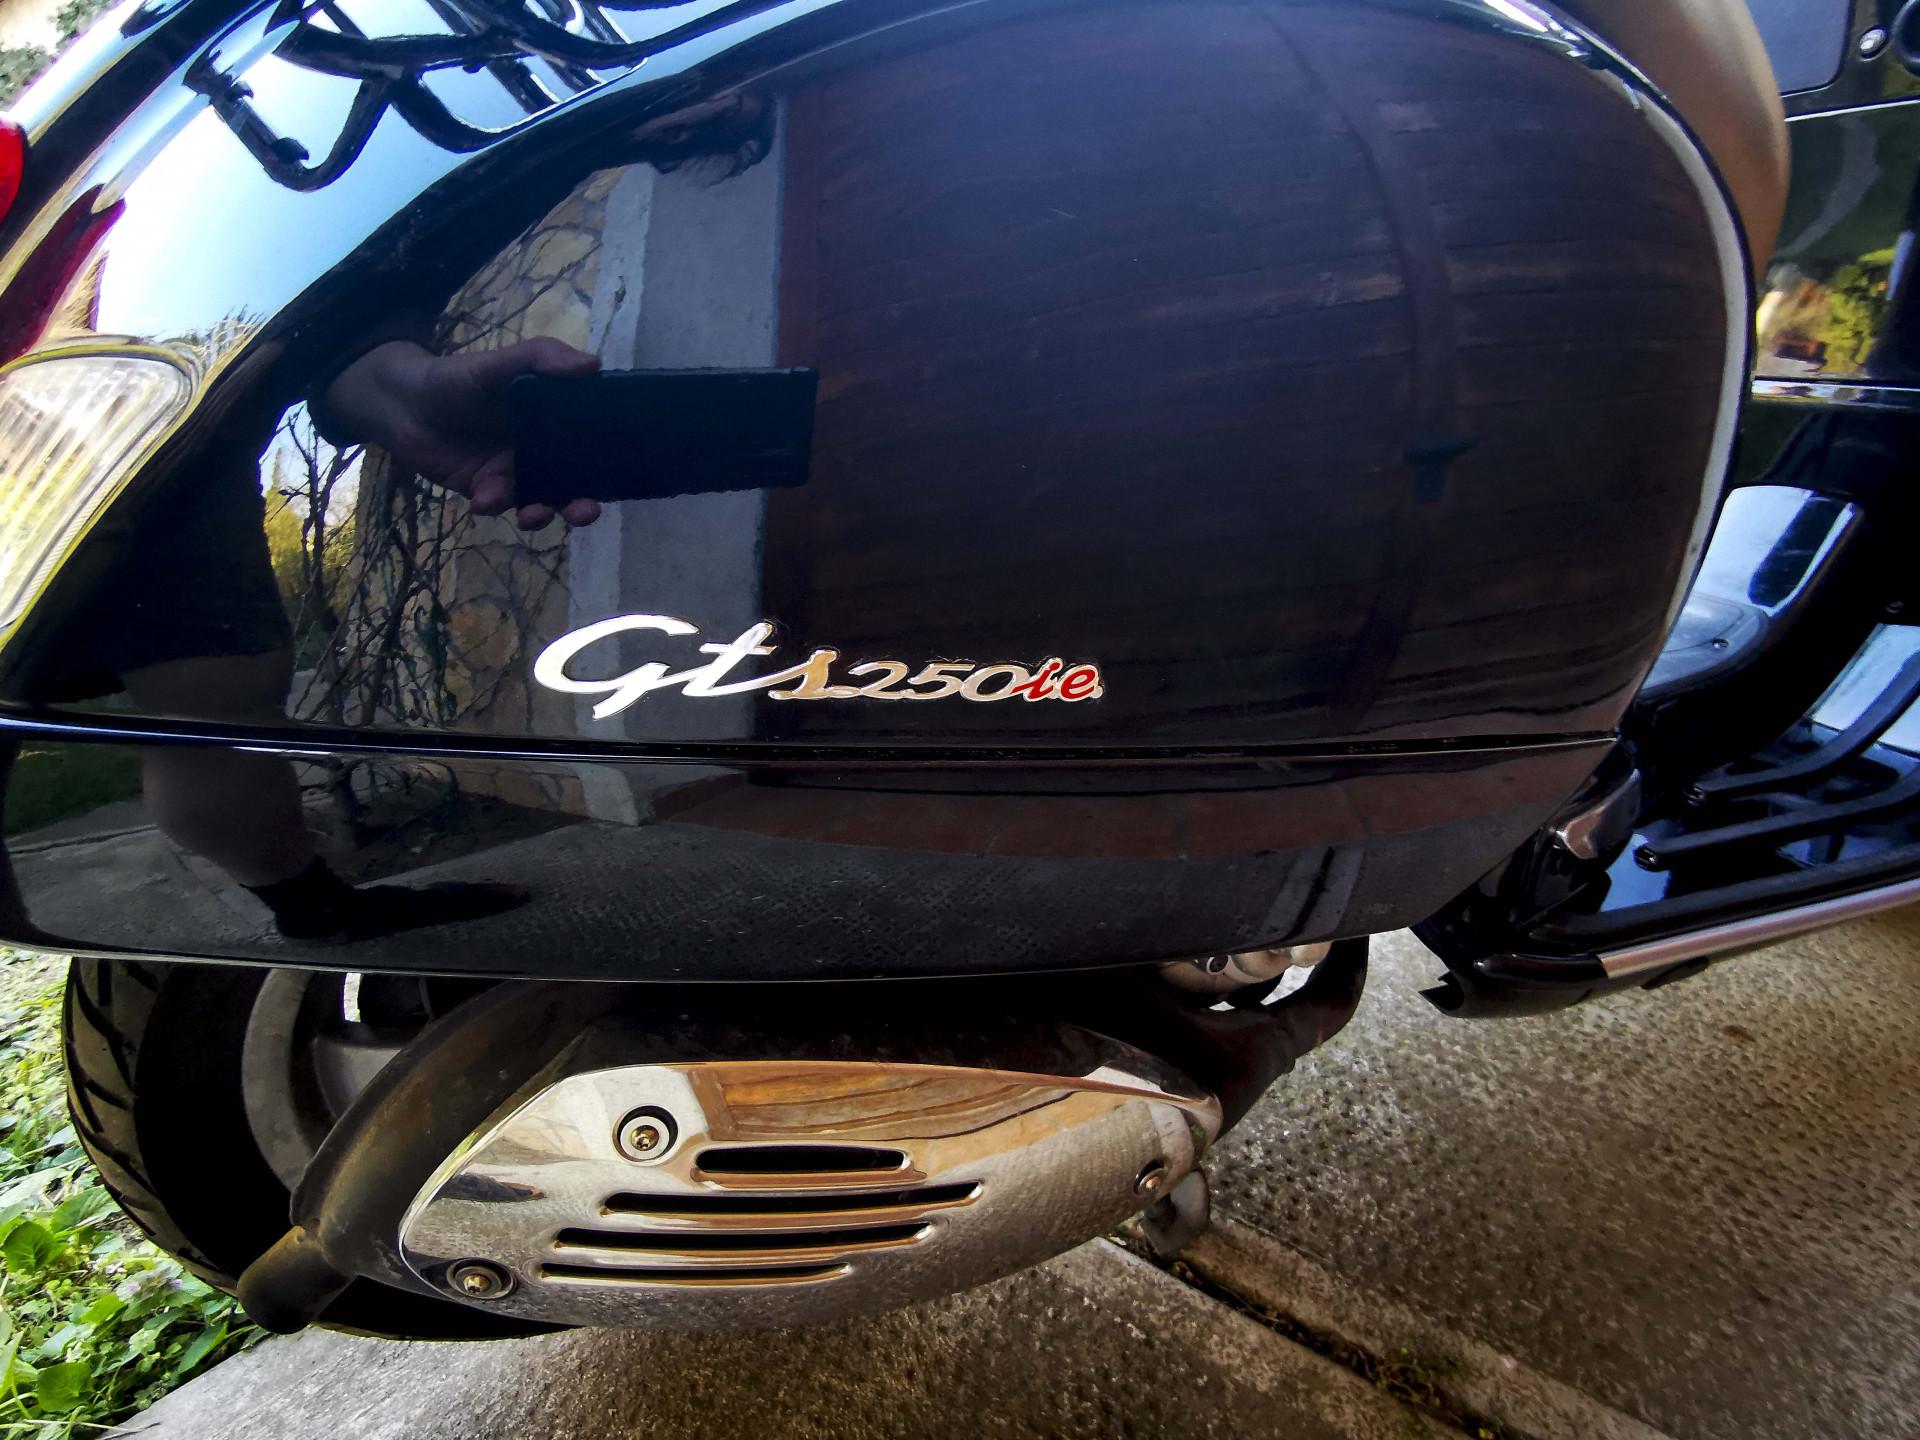 VESPA 250 GTS IE, 4. kép